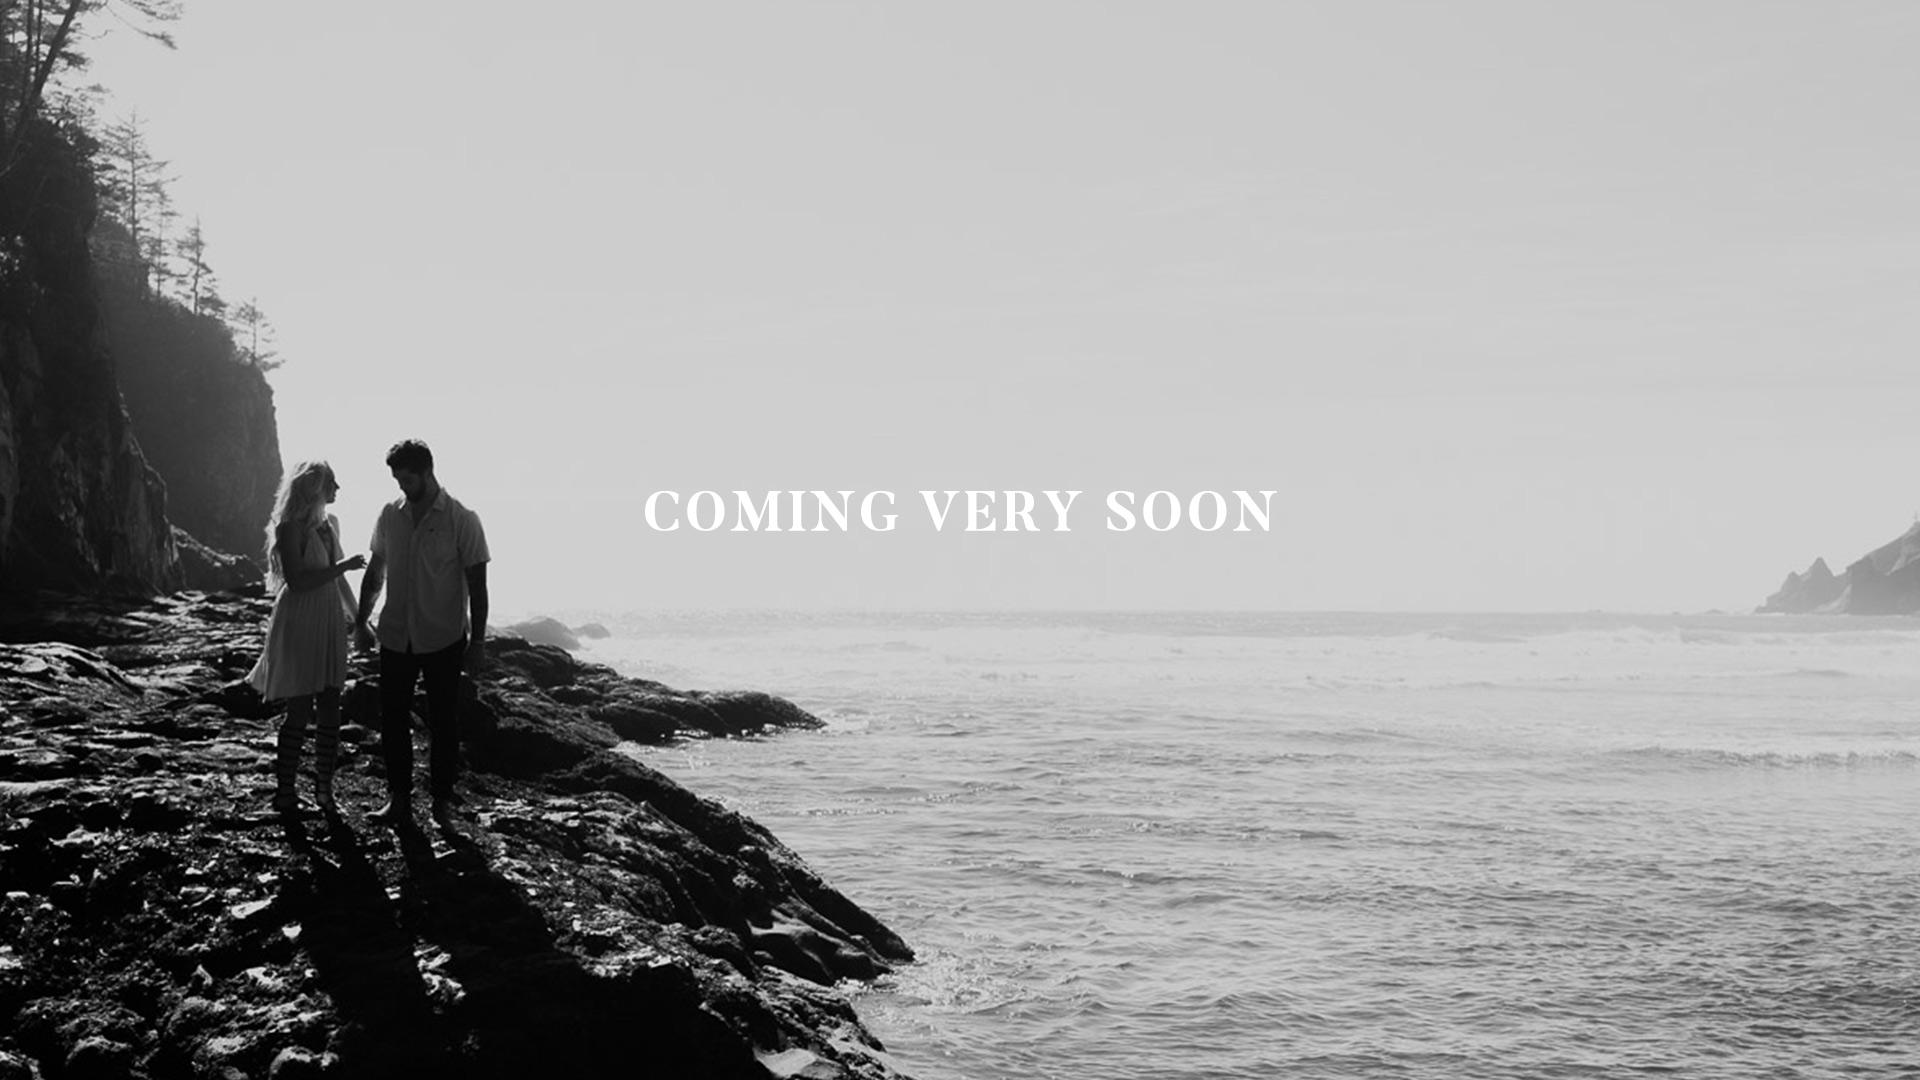 coming-very-soon.jpg